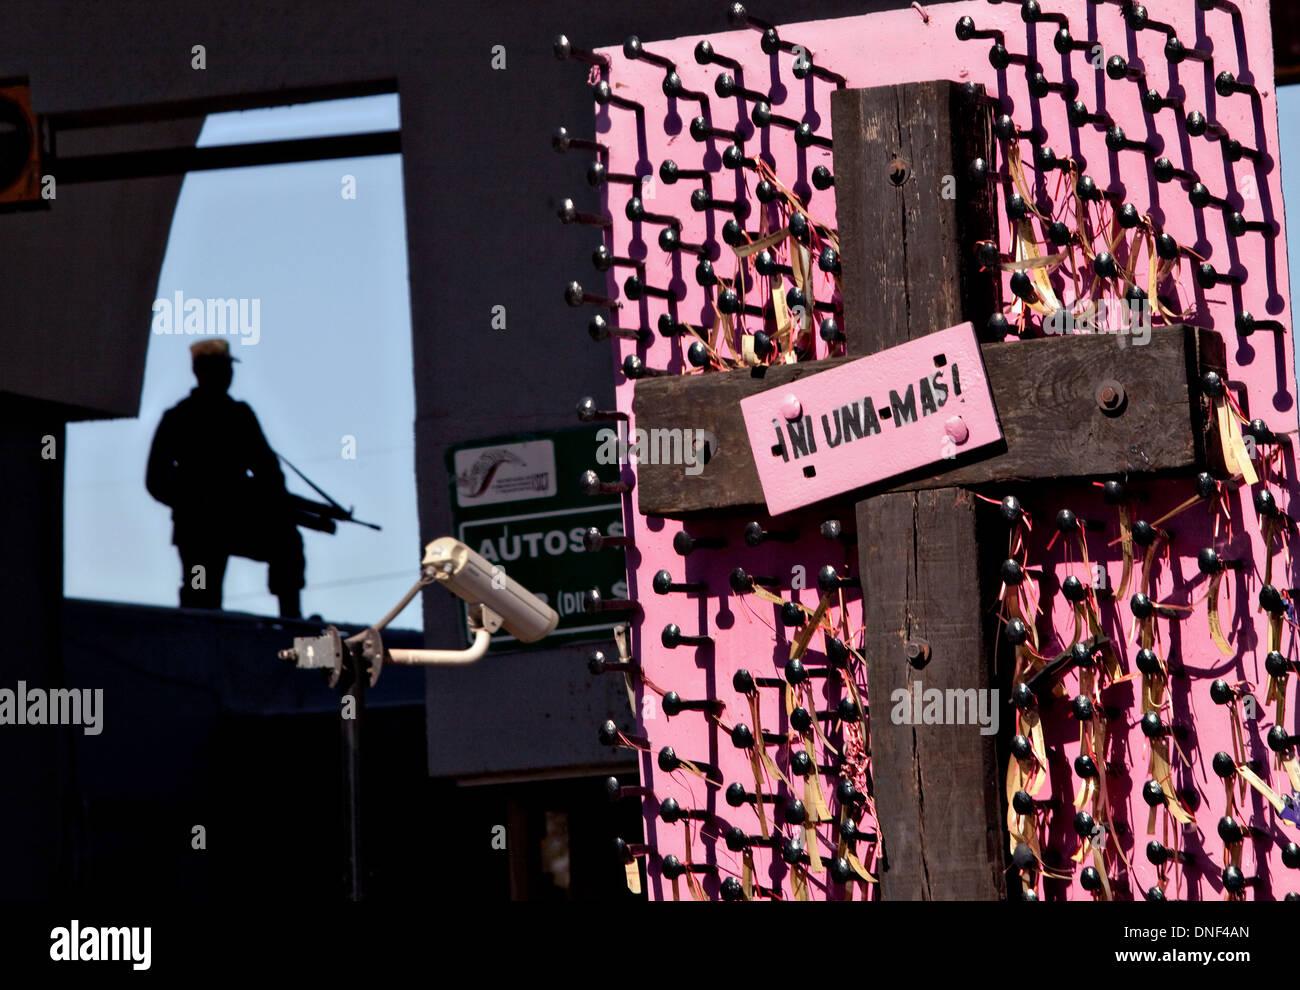 """Un soldato si profila all'Juarez Avenue valico di frontiera negli Stati Uniti come da un memoriale per le donne uccise in atti di violenza in Juarez, Messico 14 gennaio 2009. Il cartello dice """"non uno di più' in riferimento alle vittime della droga in corso della guerra che ha già fatto più di quaranta persone dall'inizio dell'anno. Più di 1600 persone sono state uccise in Juarez nel 2008, rendendo Juarez la città più violenta del Messico. Immagini Stock"""